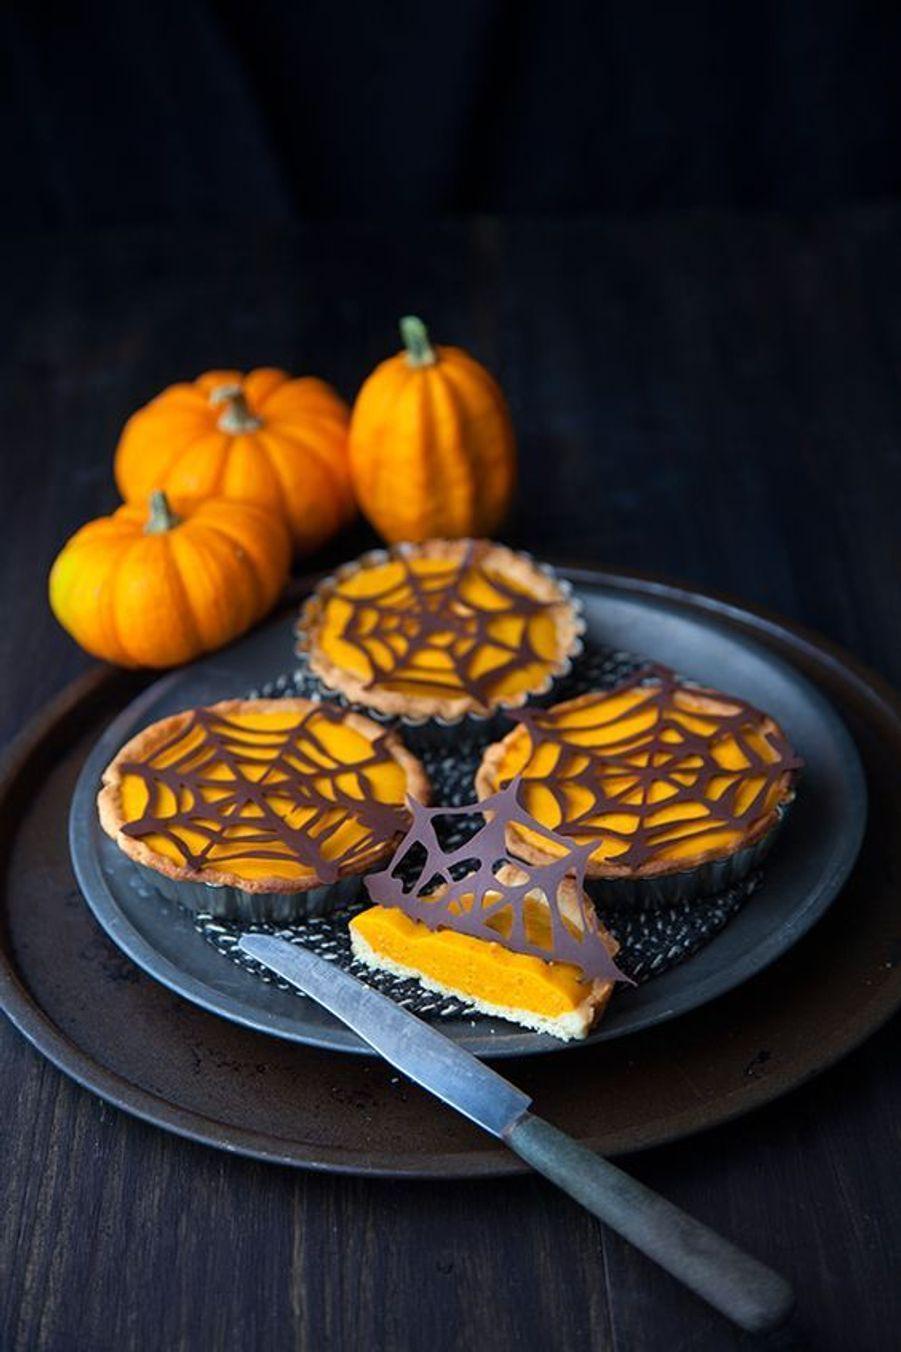 Mini pumpkin pieshttps://www.pinterest.fr/pin/411938697158400197/